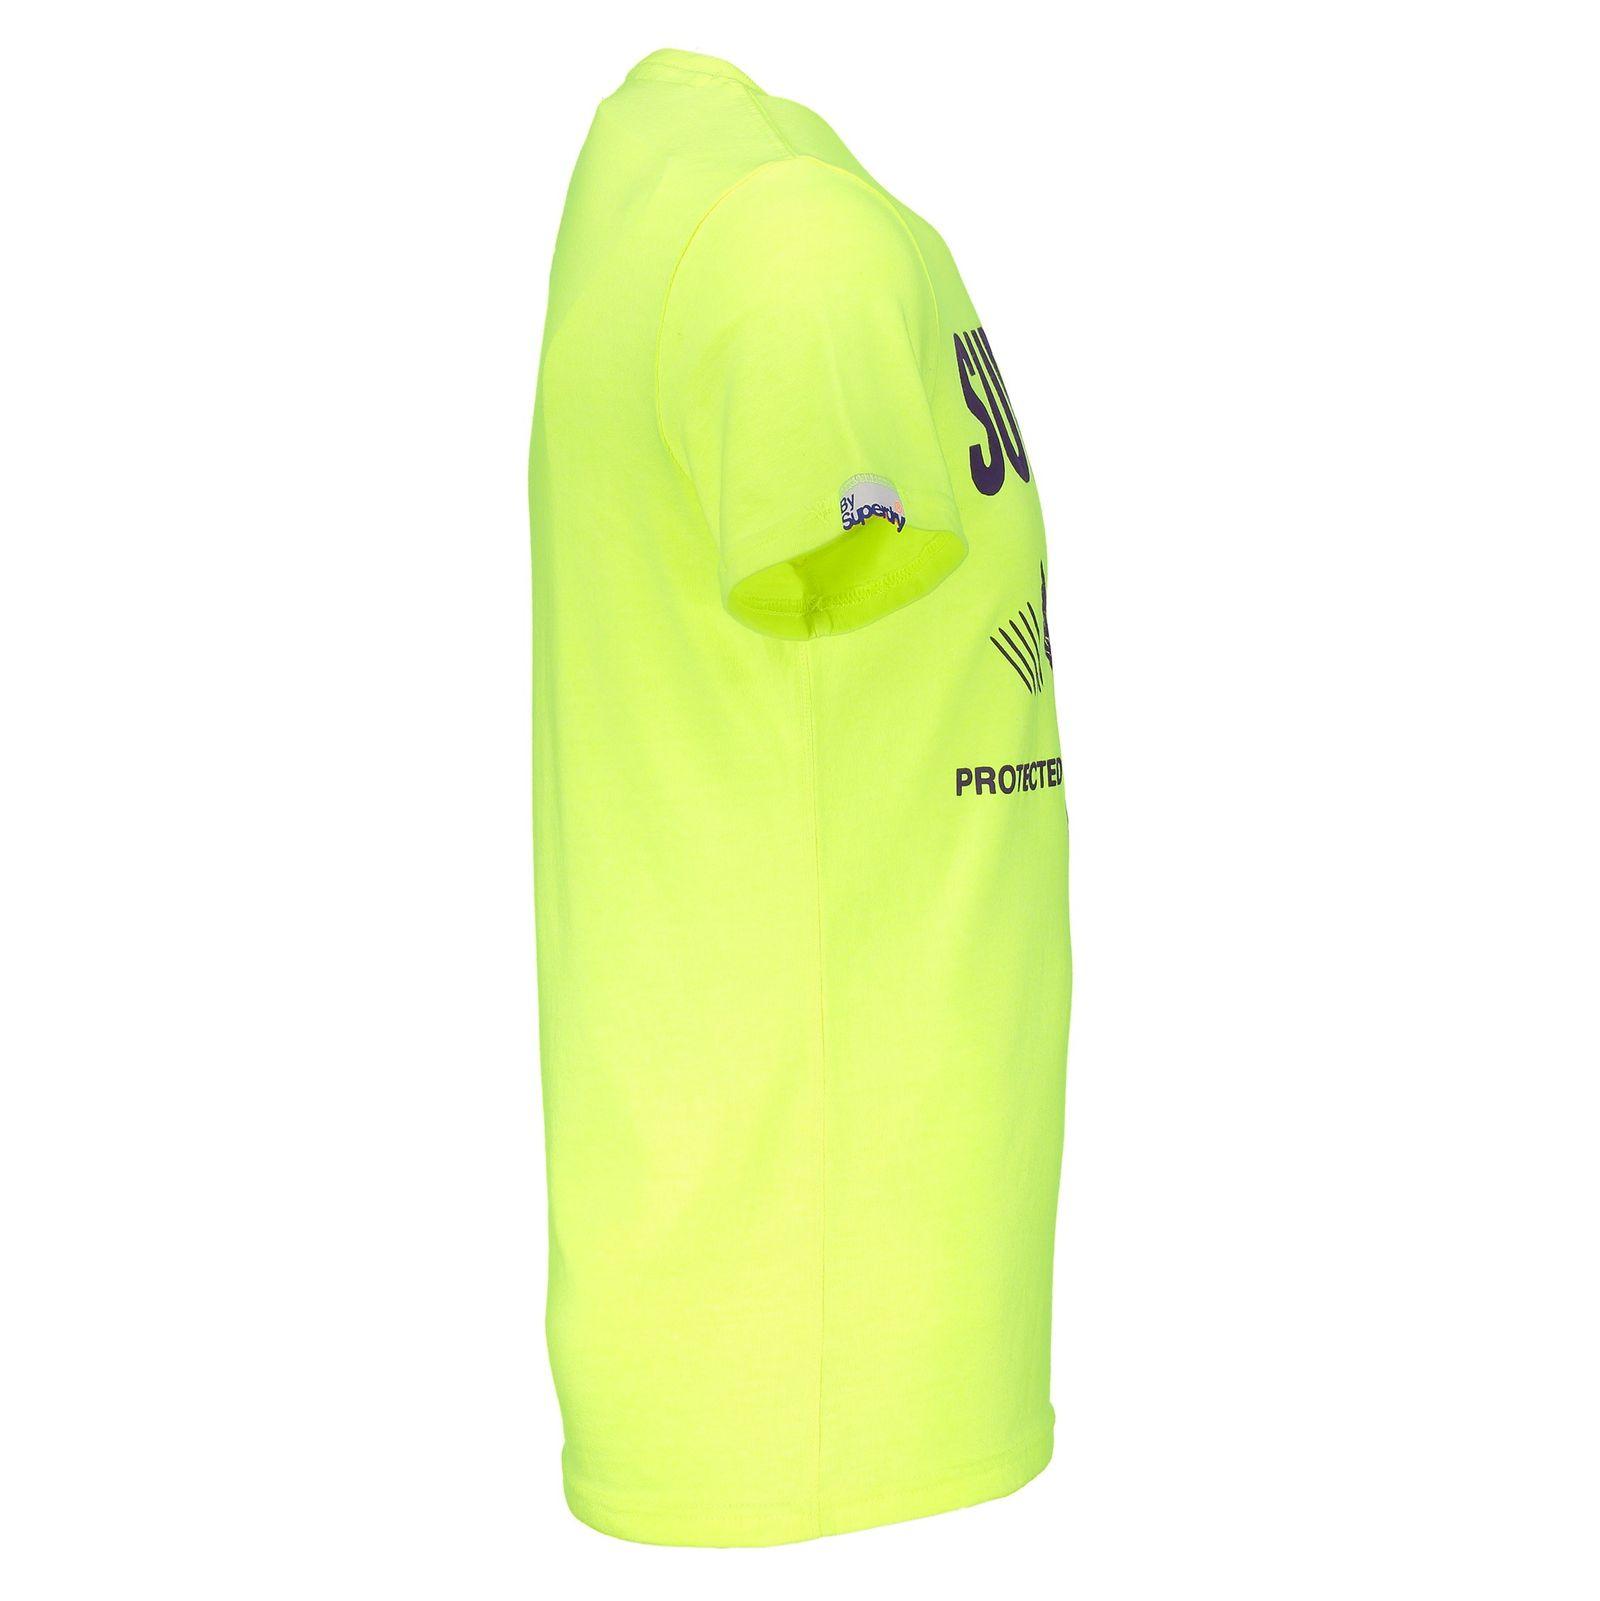 تی شرت یقه گرد مردانه - سوپردرای - زرد فلورسنت - 3